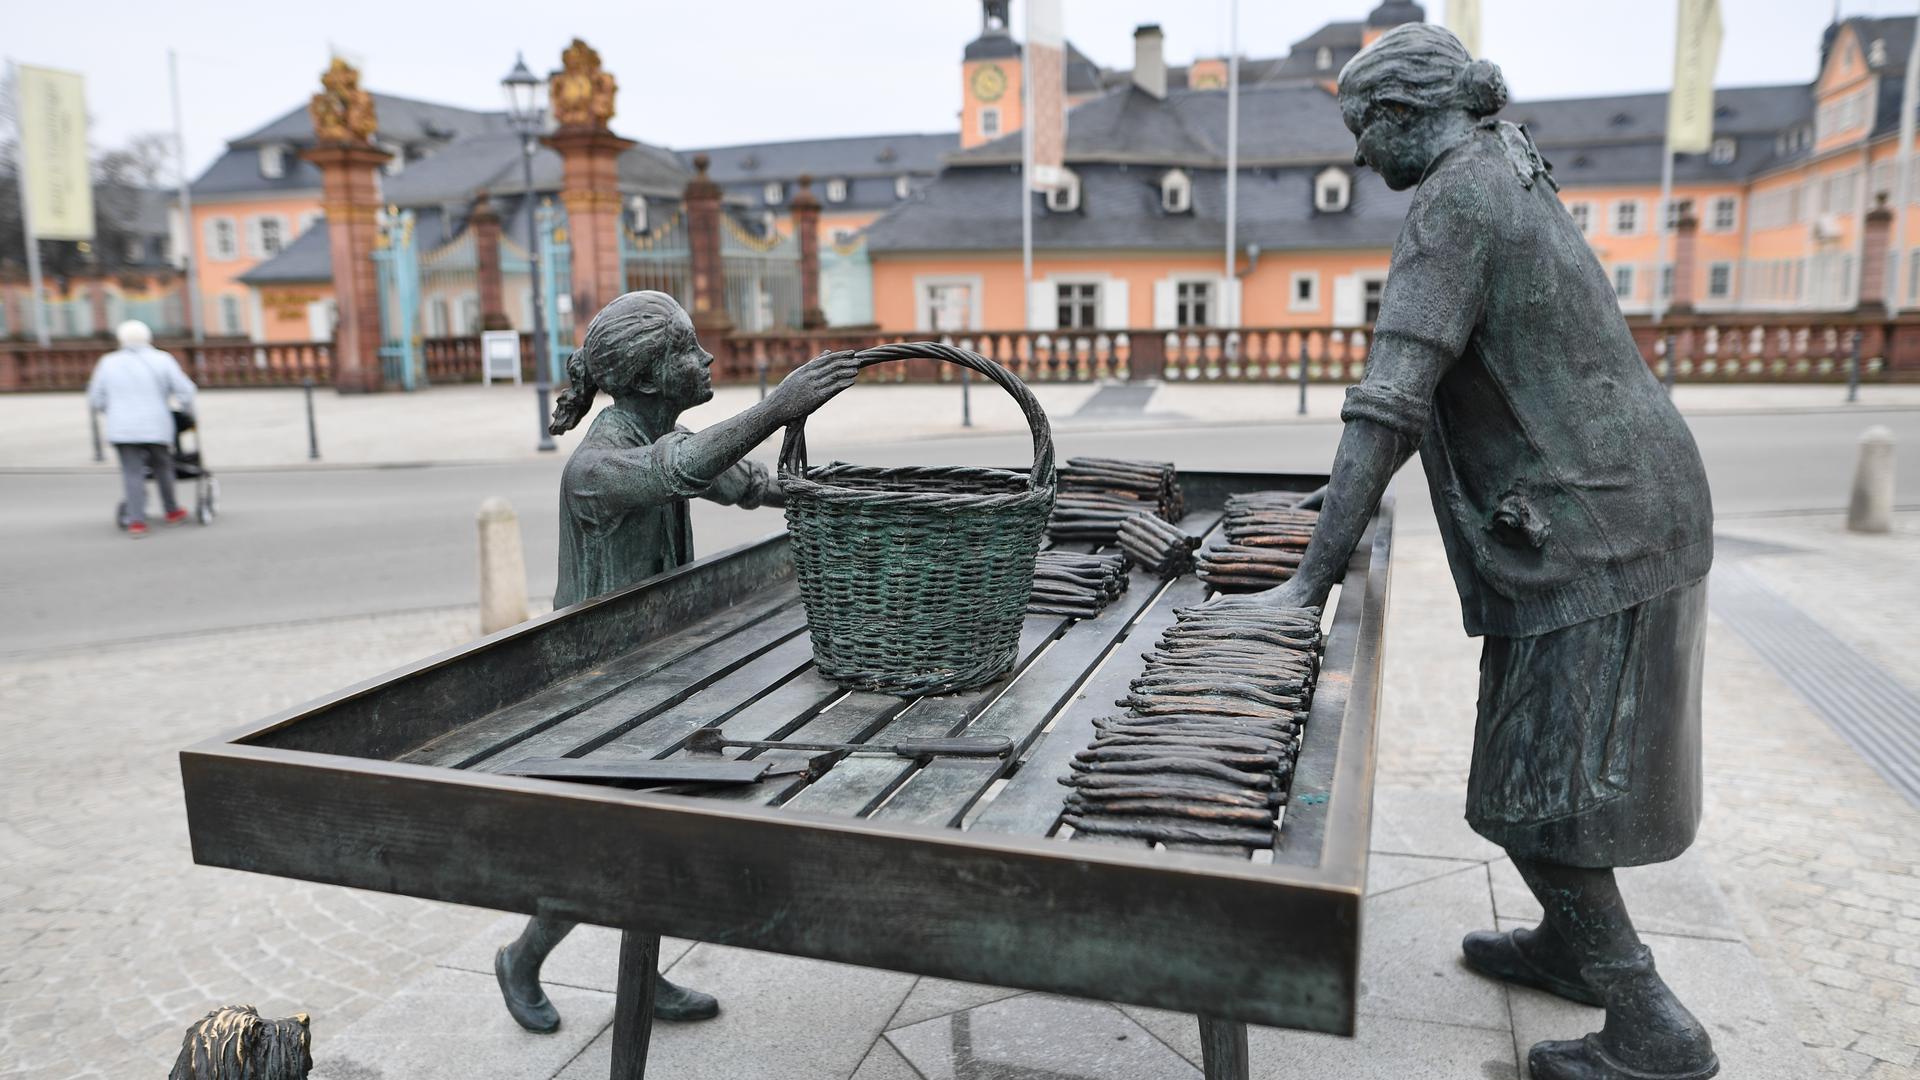 ARCHIV - 26.01.2017, Baden-Württemberg, Schwetzingen: Das Denkmal mit dem Titel «Spargelfrau» steht am vor dem Haupteingang des Schlosses. (zu dpa: «350 Jahre Spargelanbau - Schwetzingen feiert sein «weißes Gold»» vom 19.04.2018) Foto: Uwe Anspach/dpa +++ dpa-Bildfunk +++